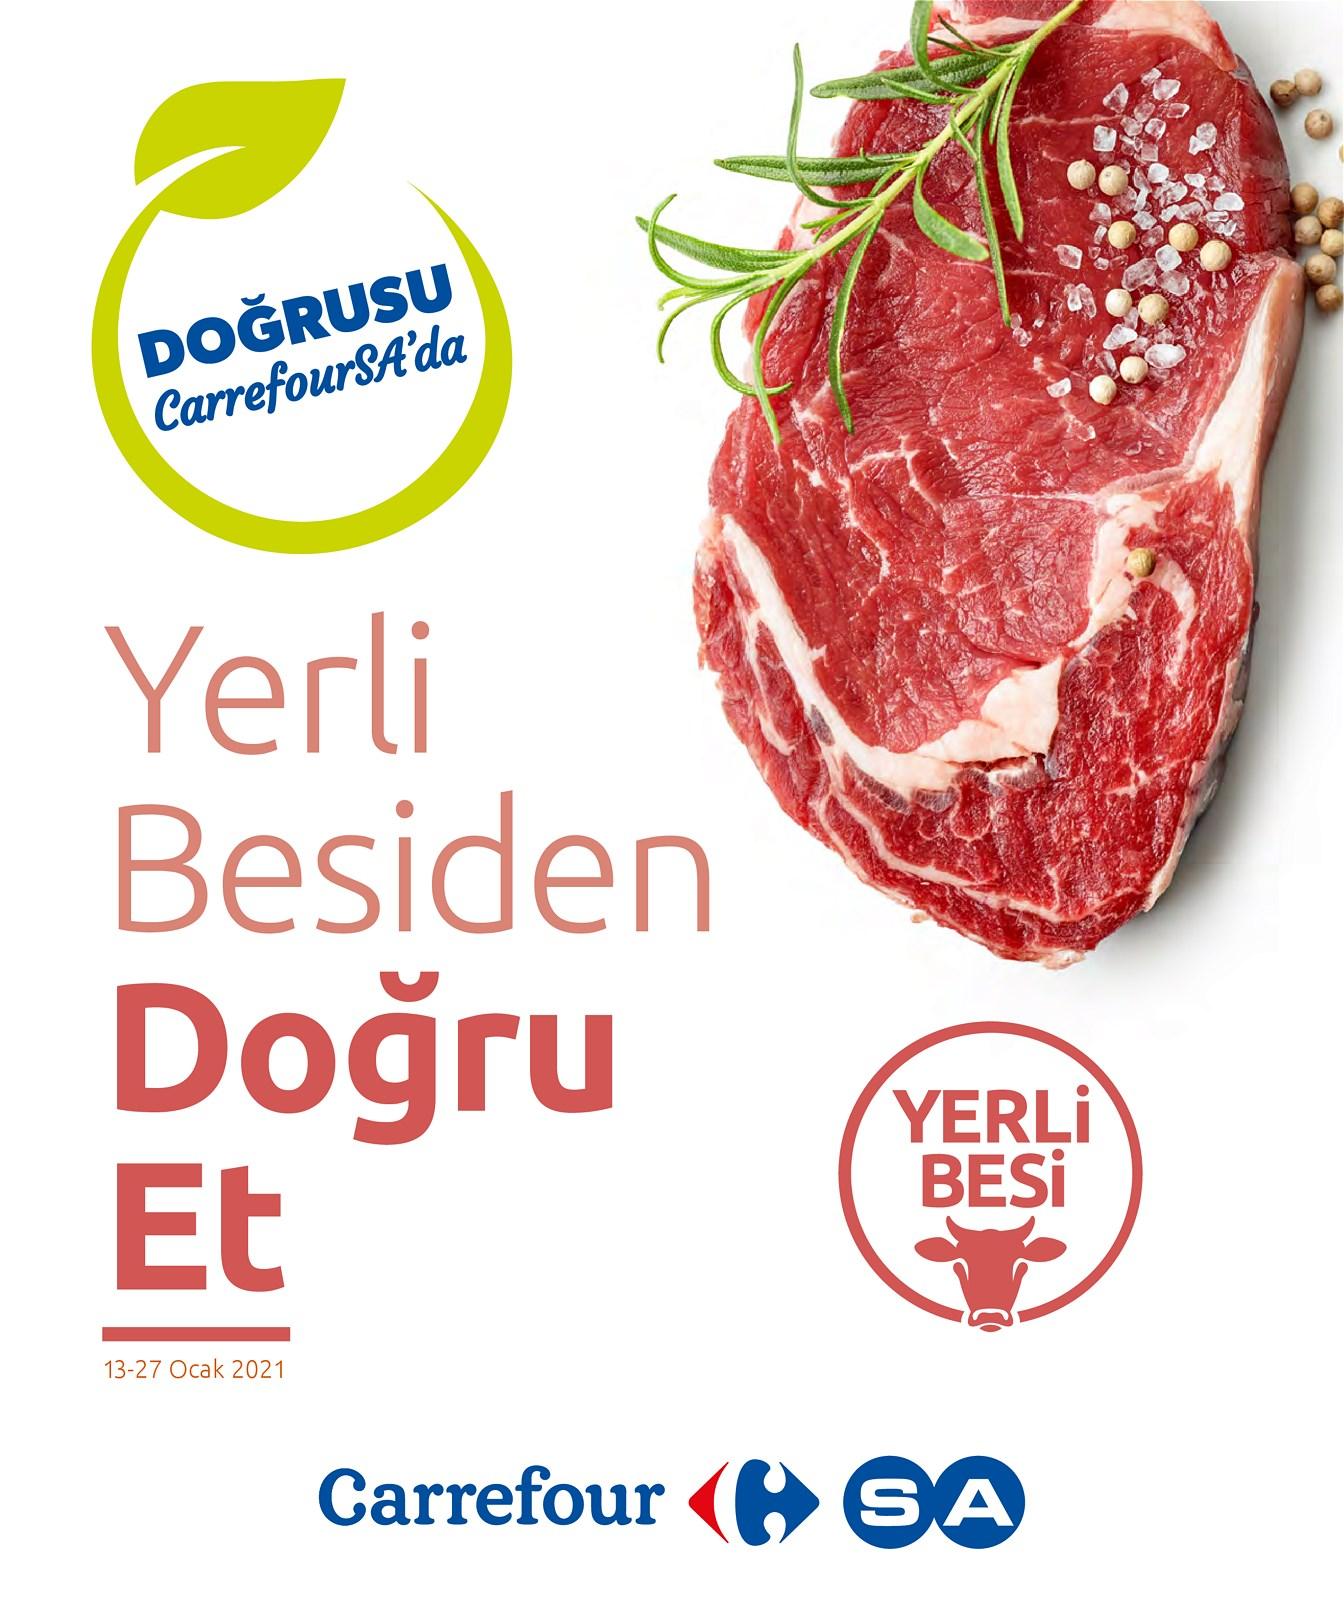 13.01.2021 CarrefourSA broşürü 1. sayfa